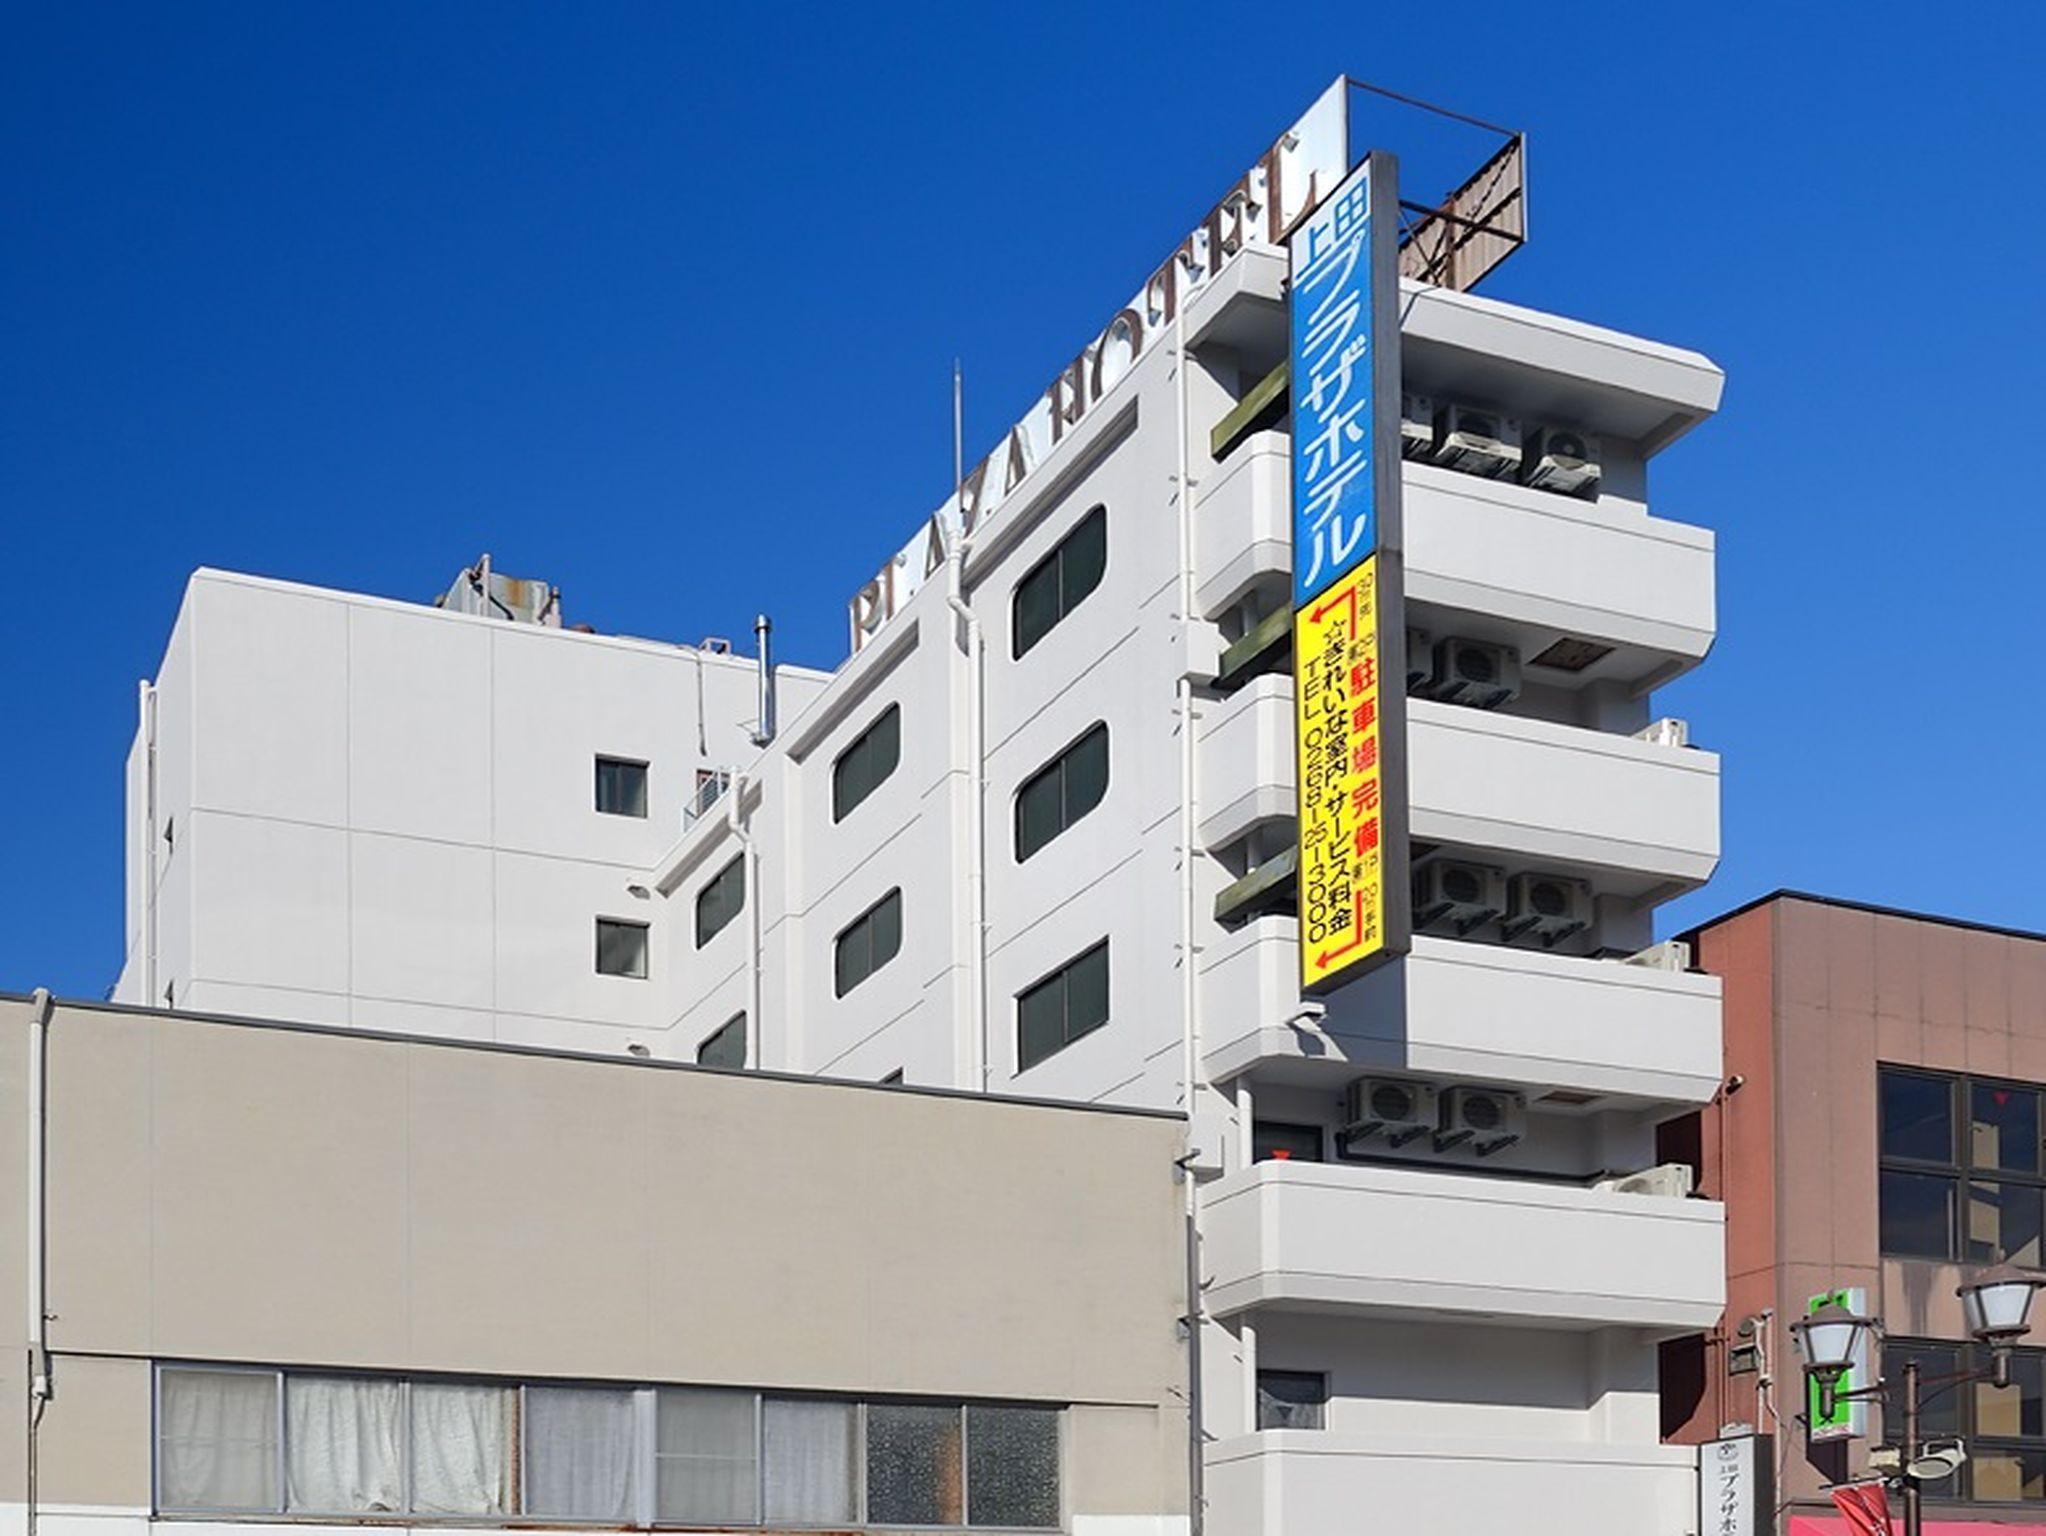 上田プラザホテル | 上田 2020年 最新料金 円4034~│部屋寫真 ...